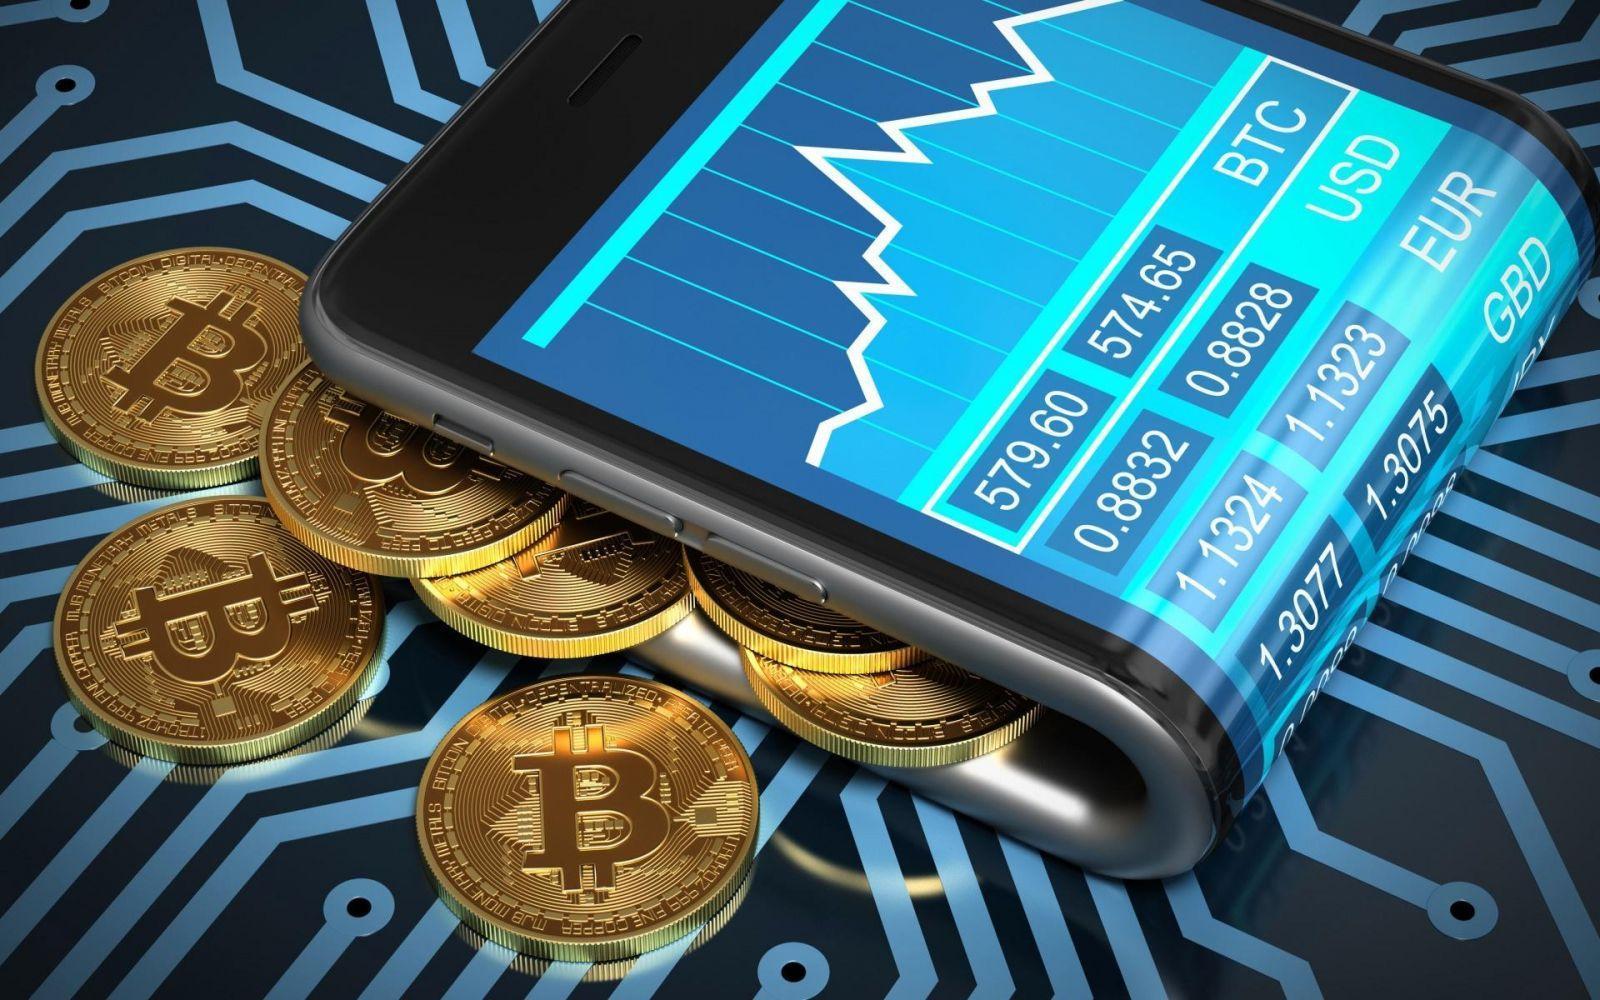 Bank of America анонсировал запуск криптовалютного кошелька (look.com .ua 318440)